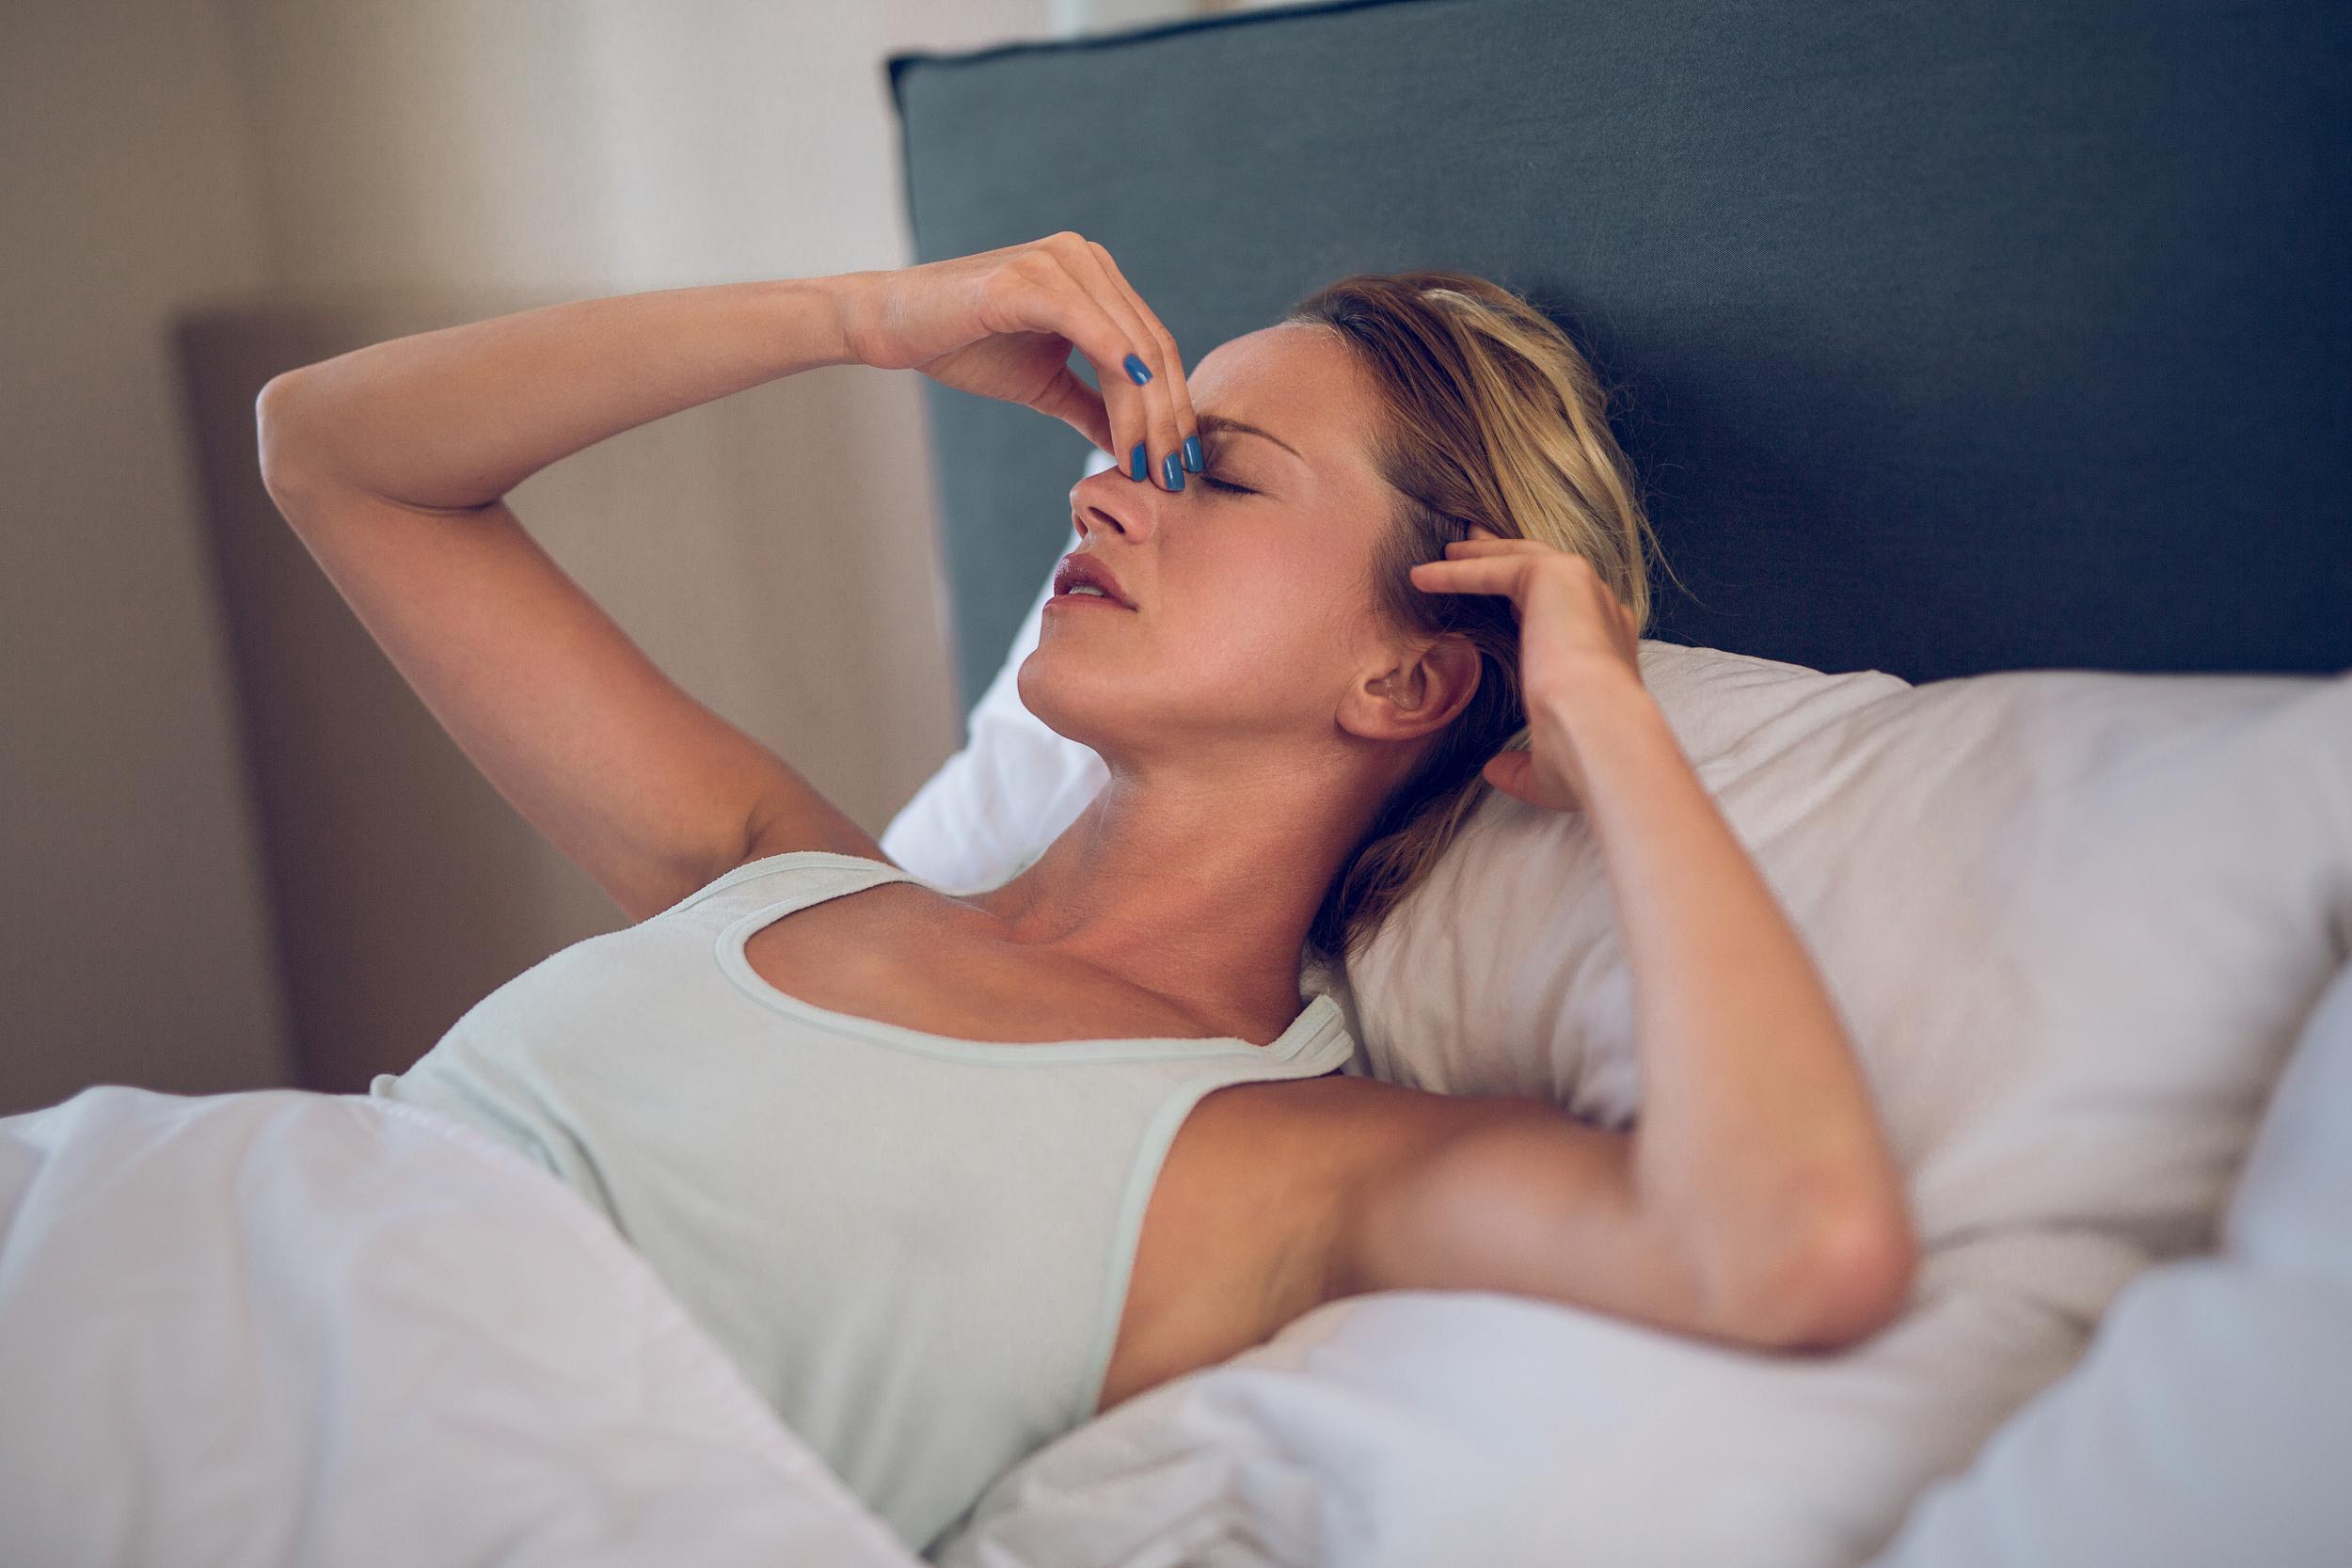 失眠怎么办 坏习惯偷走你的睡眠